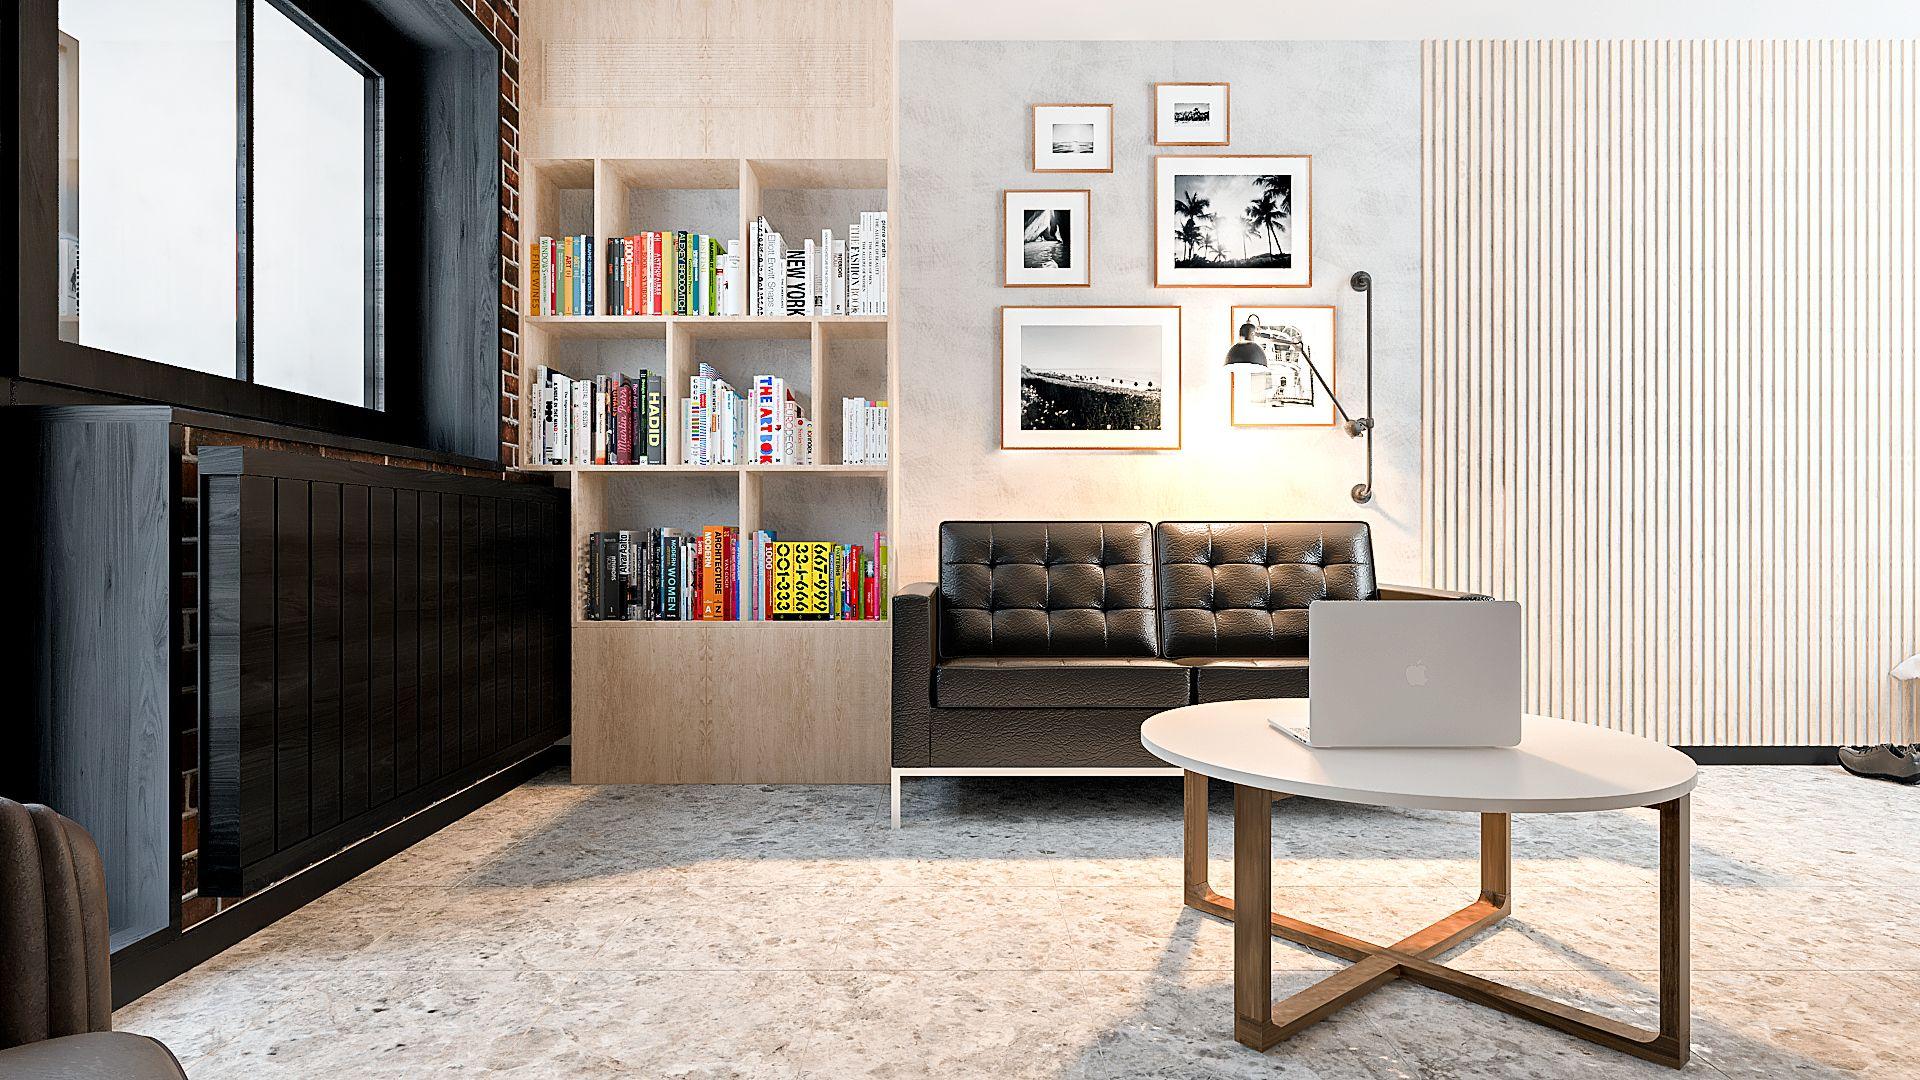 Дизайн однокомнатной квартиры в Гомеле, Гостиная - спальня в стиле лофт, кондиционер спрятан в шкафу, небольшой черный диван, открытые окна, в квартире изображение 2